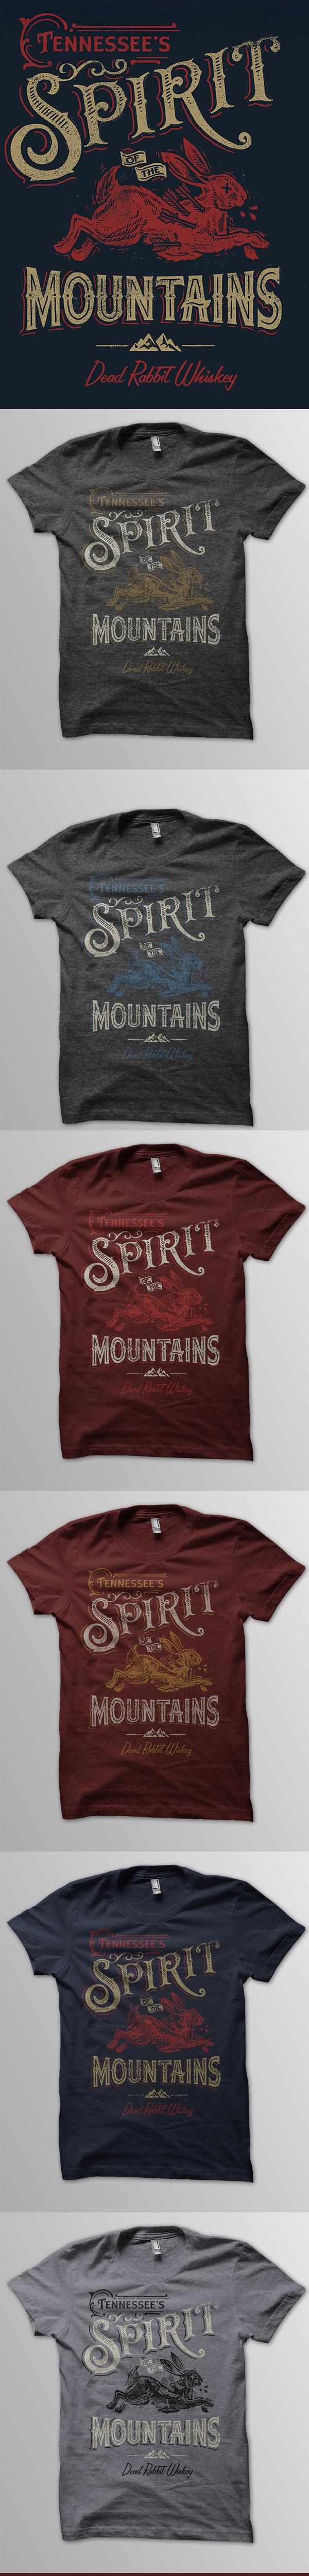 Spirit mountains tee mocks list